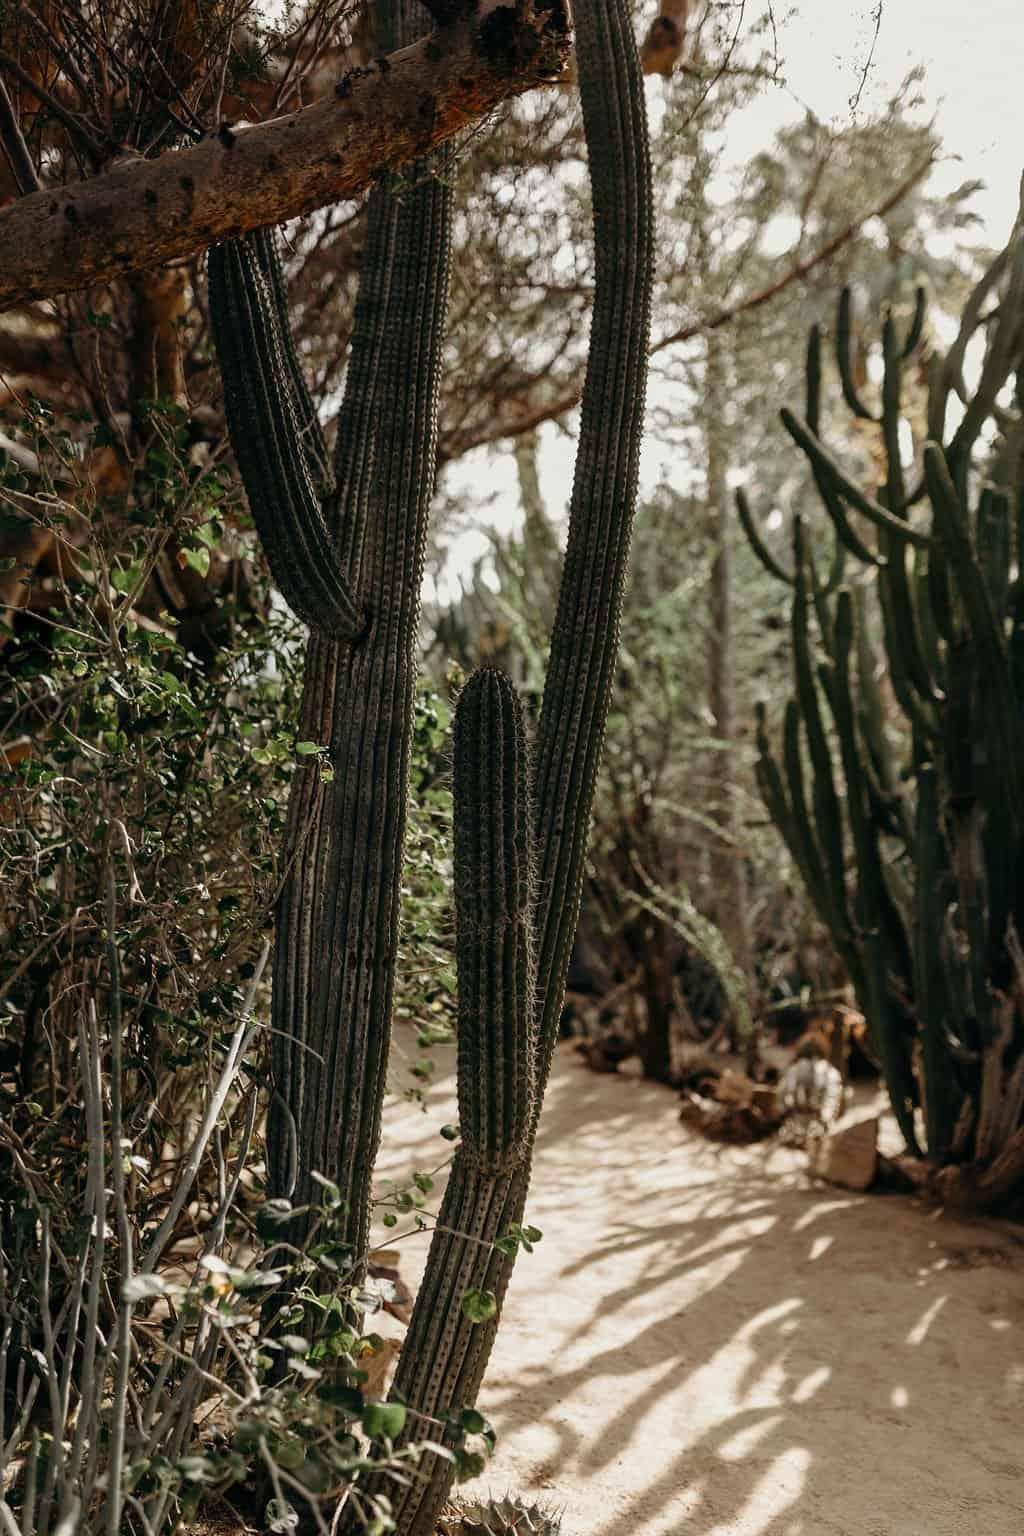 skinny cactus at moorten botanical gardens